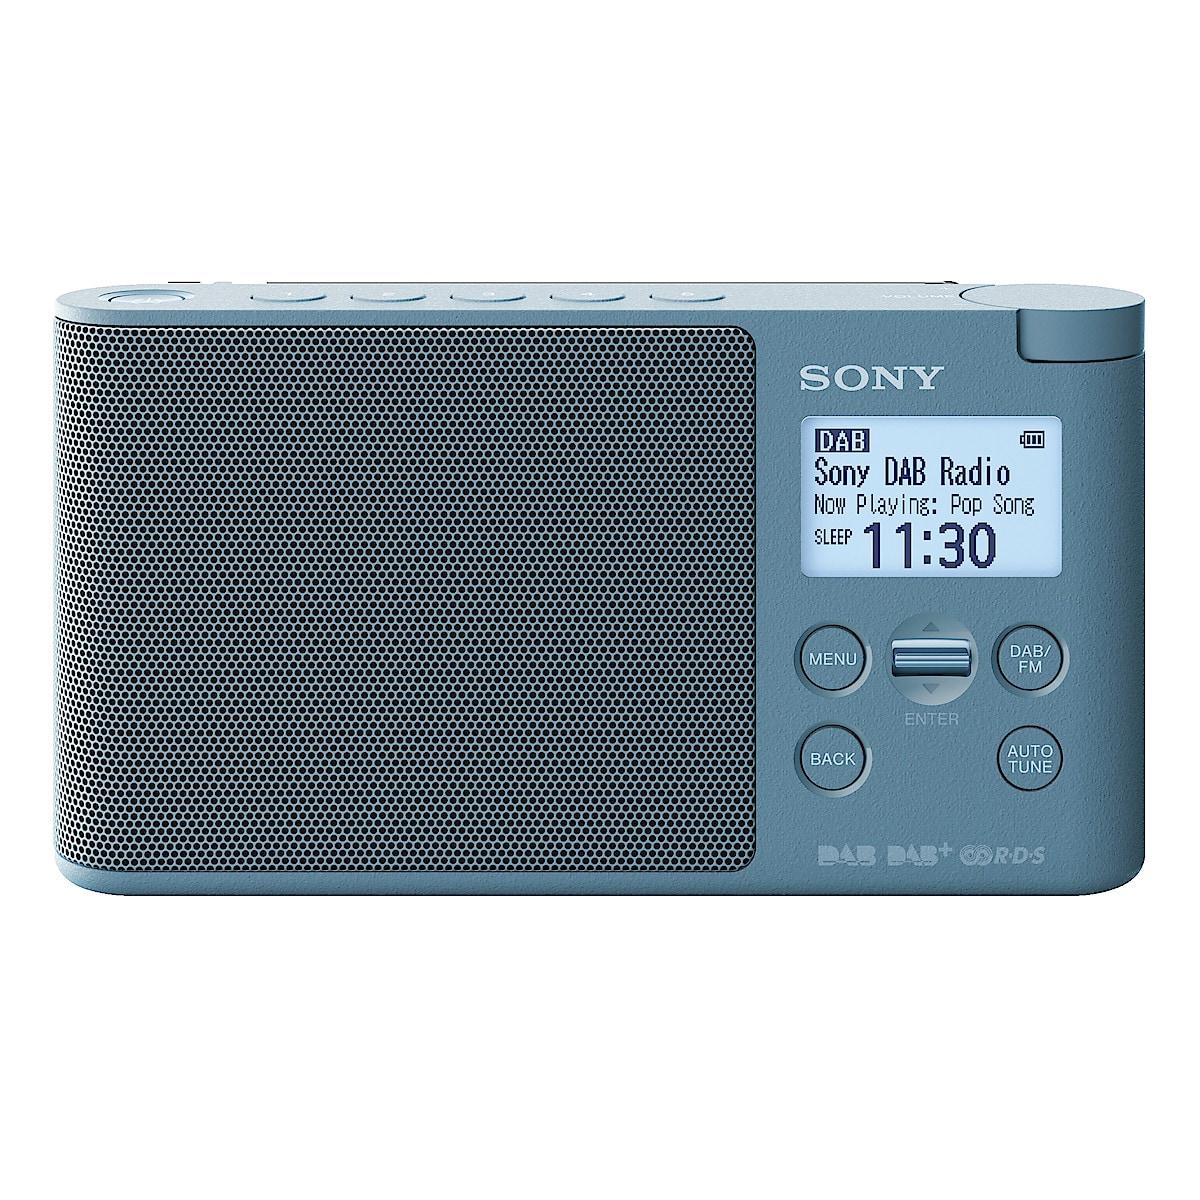 Sony XDR-S41DW DAB+/FM-radio